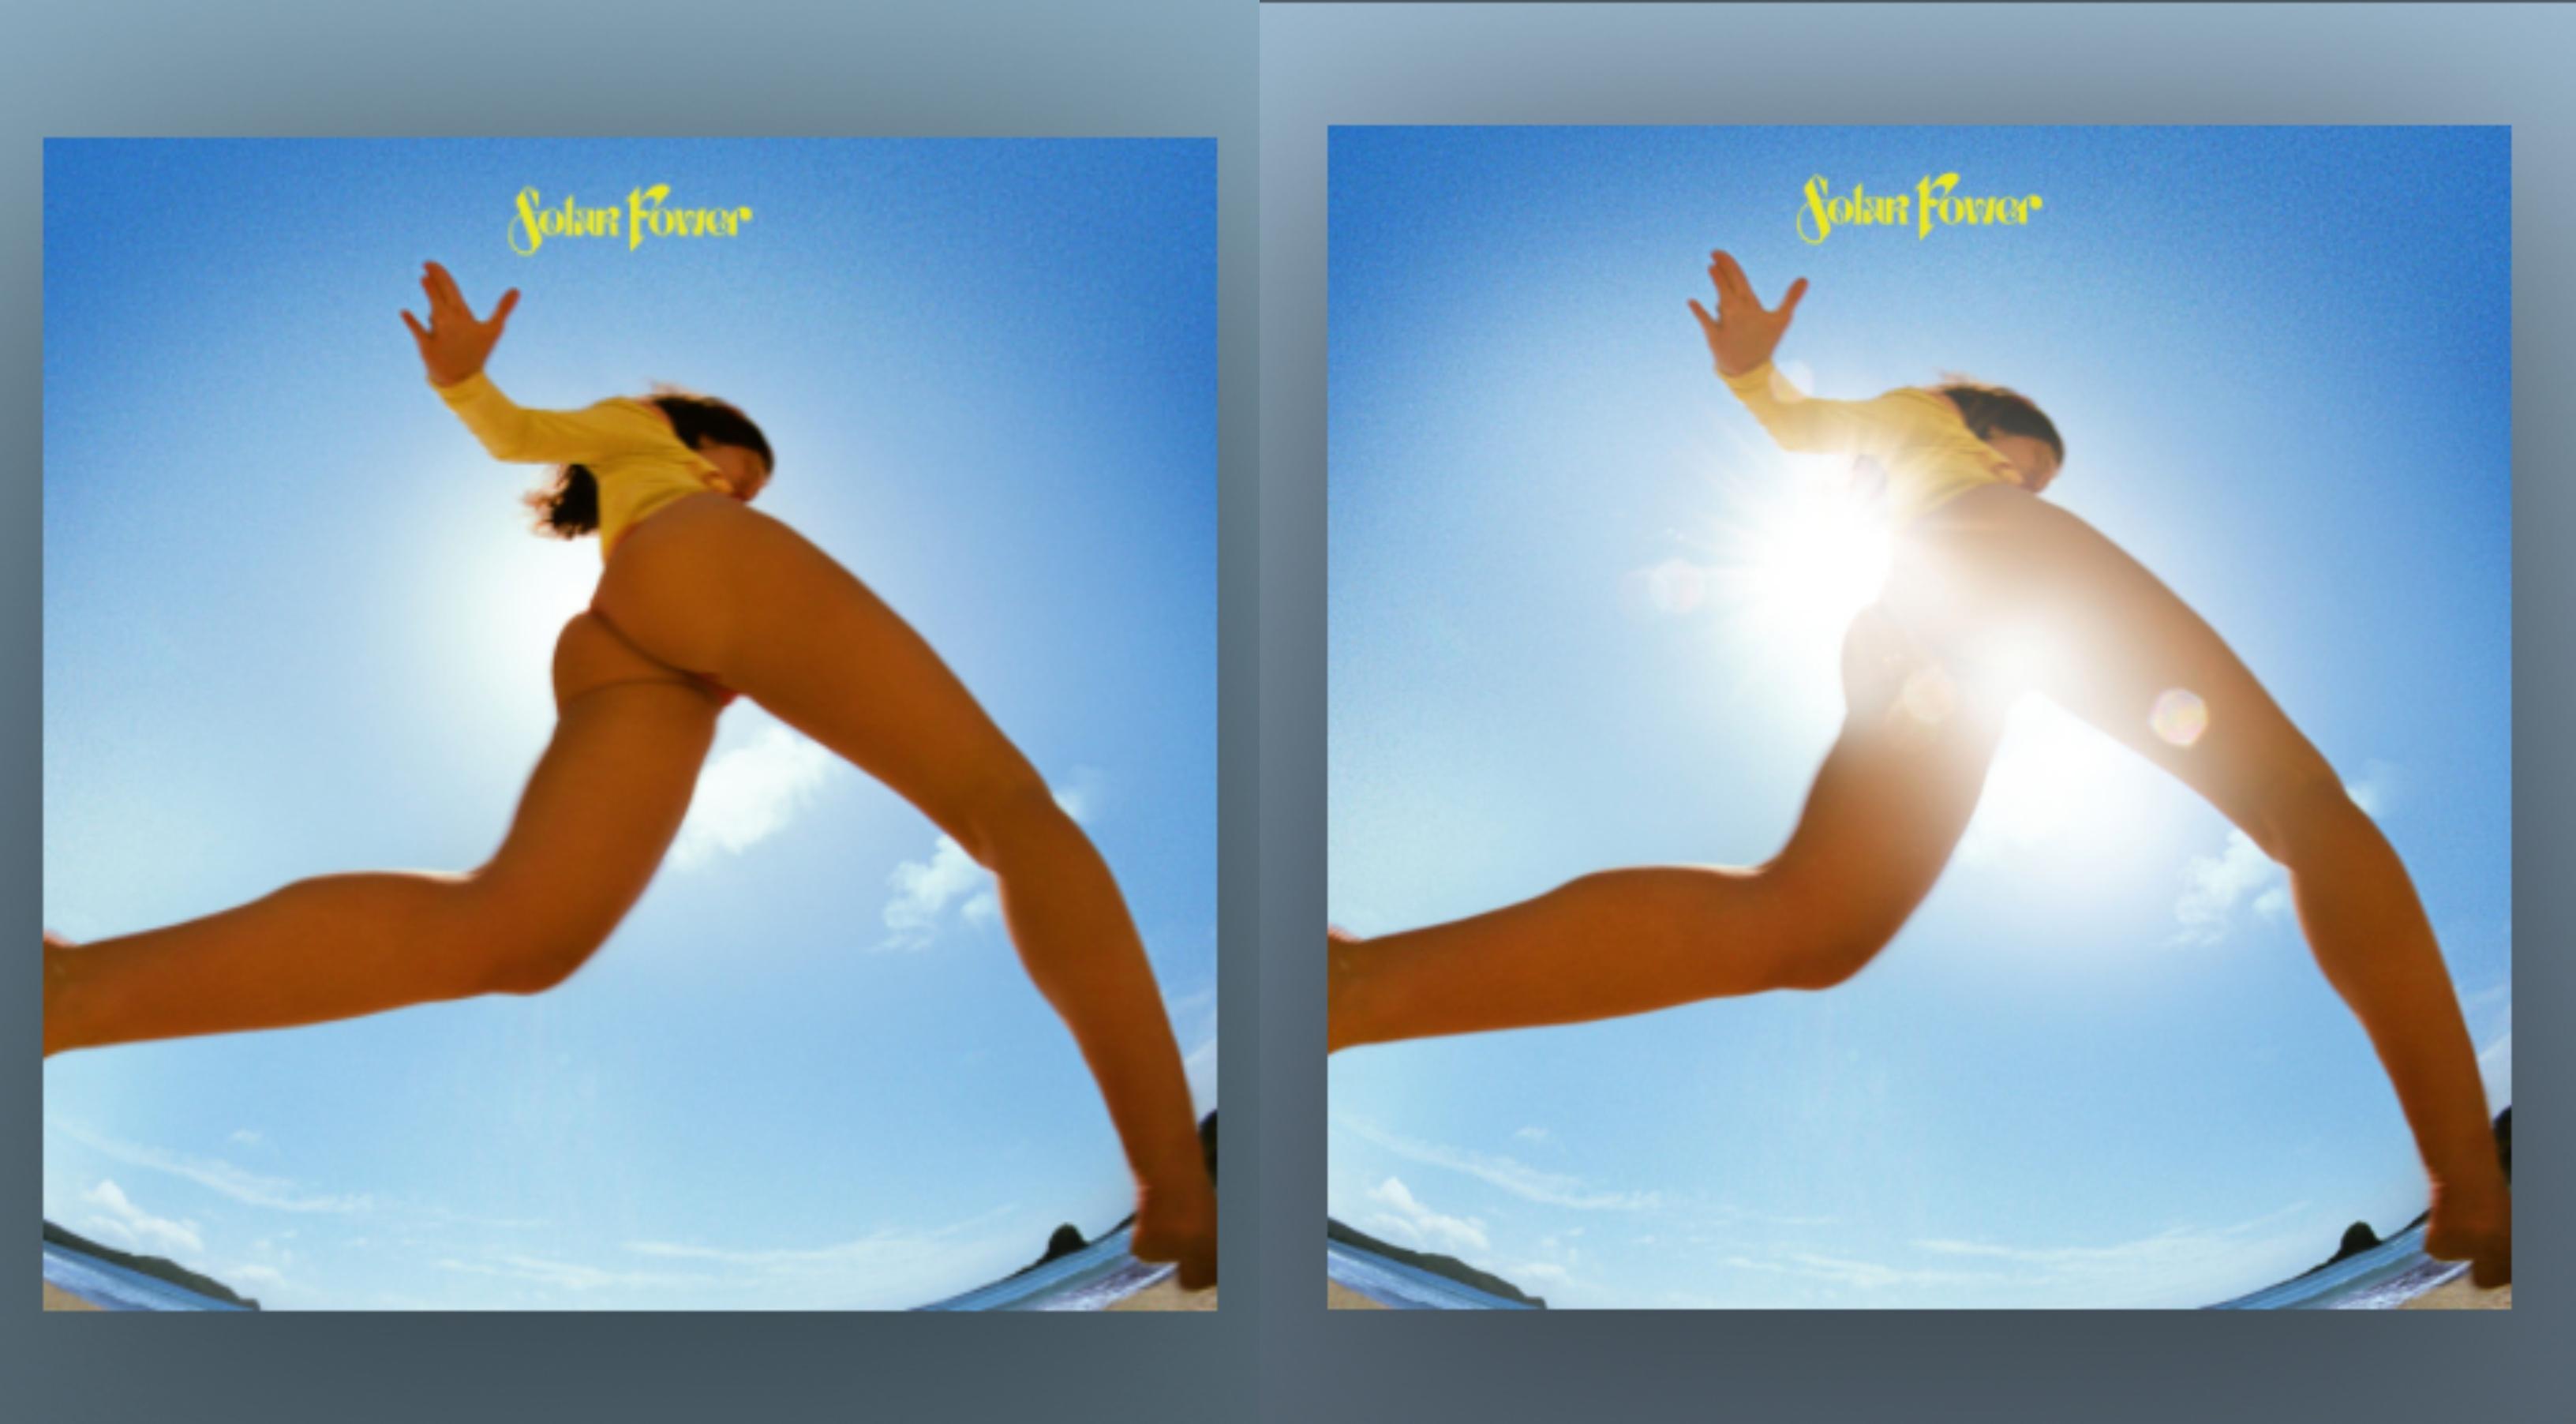 Cover Art Baru Lorde Memiliki 2 Versi.  Seseorang Tidak Memiliki Pantatnya.